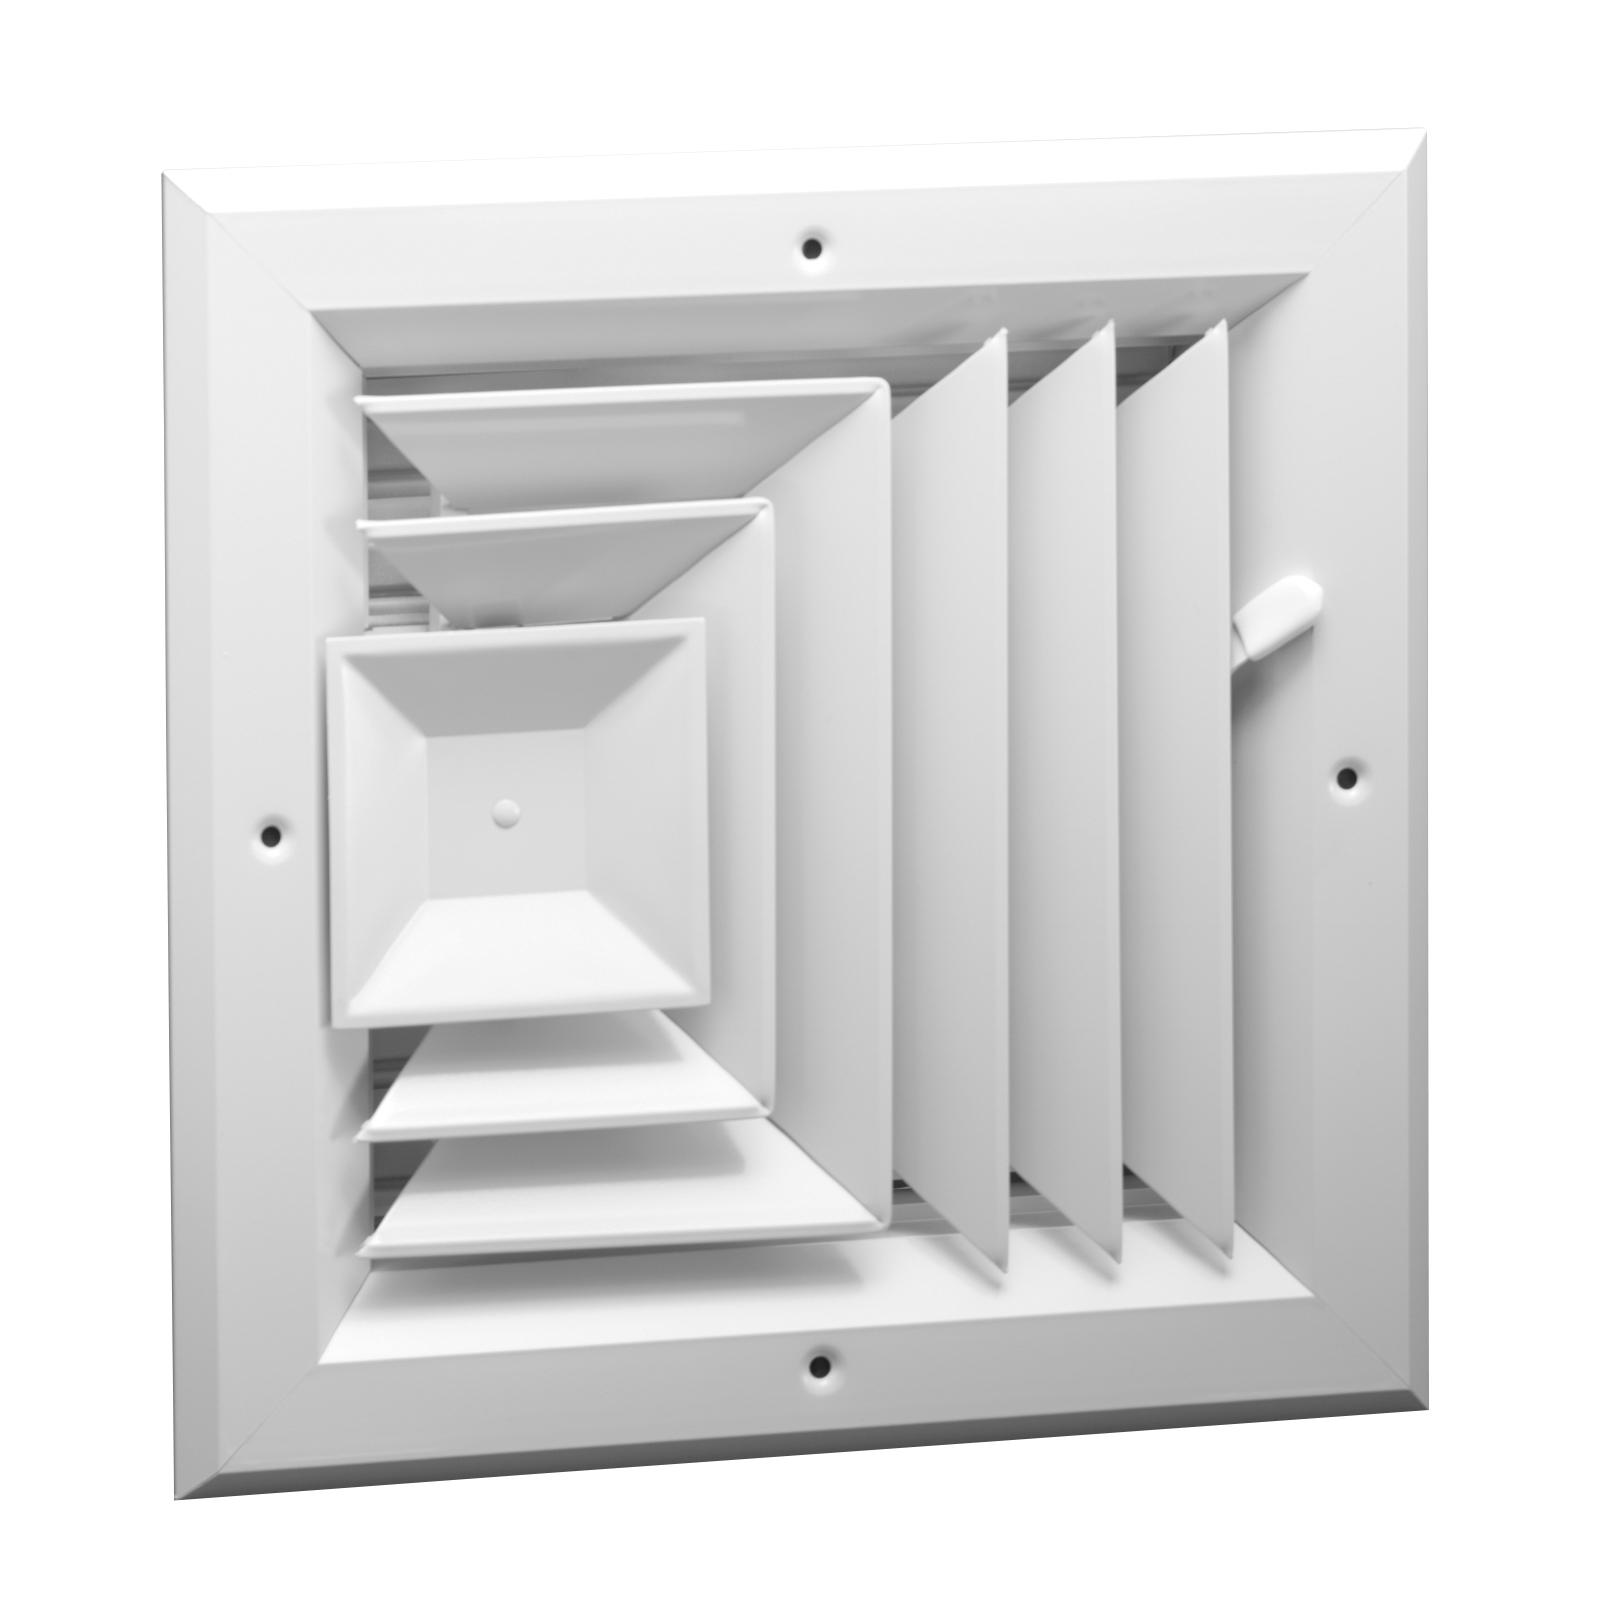 A503 Aluminum 3 Way Ceiling Diffuser Ms Or Obd Damper